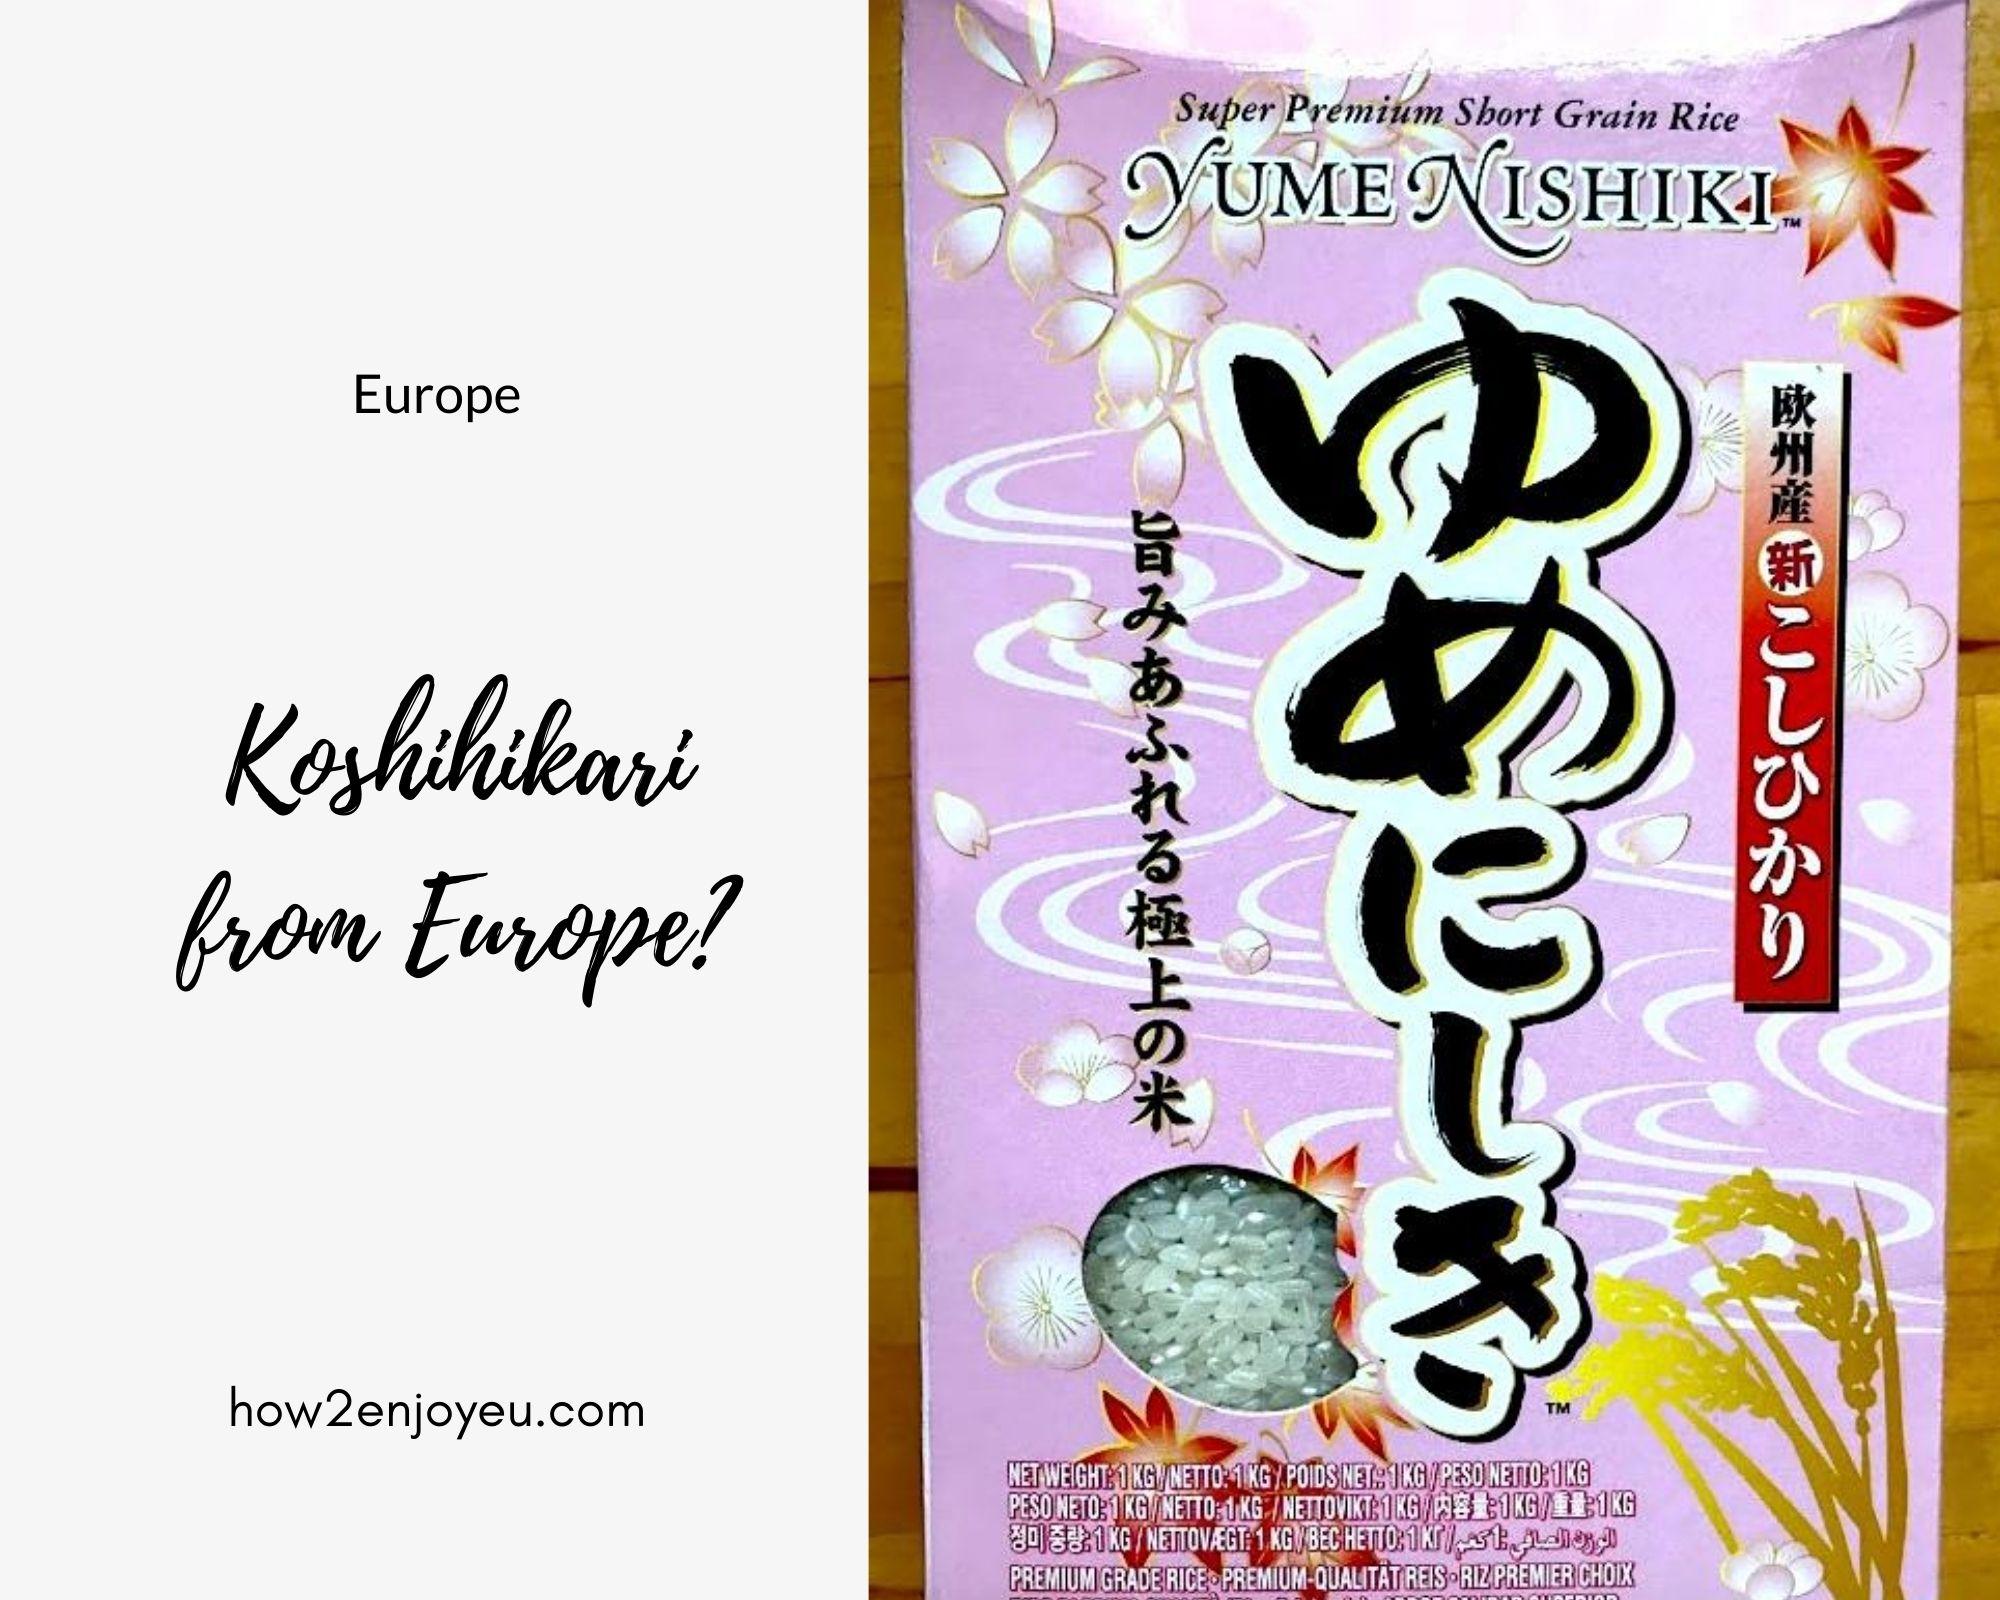 欧州産コシヒカリ「ゆめにしき」は本当にコシヒカリの味がするのか?